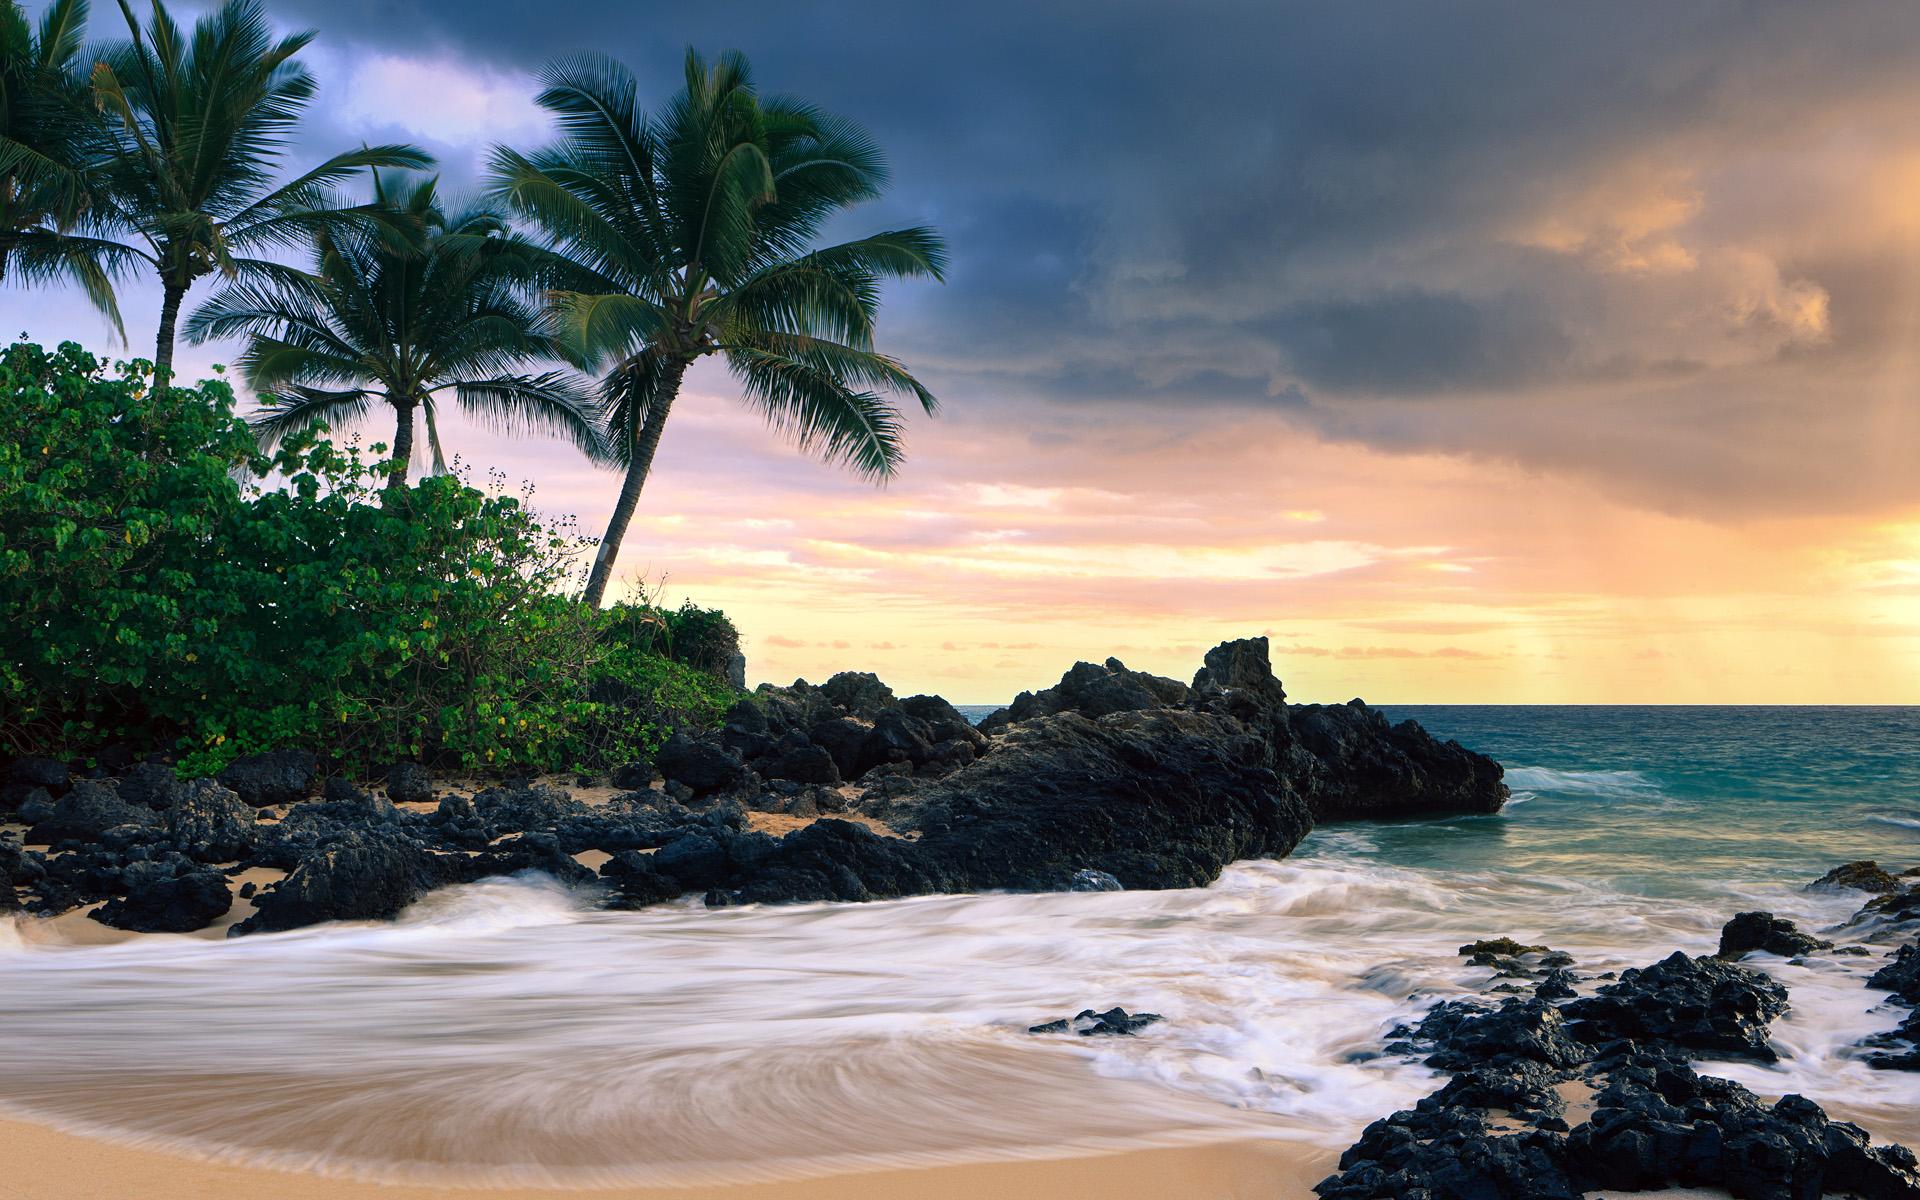 4K Hawaii Wallpapers for Desktop - WallpaperSafari